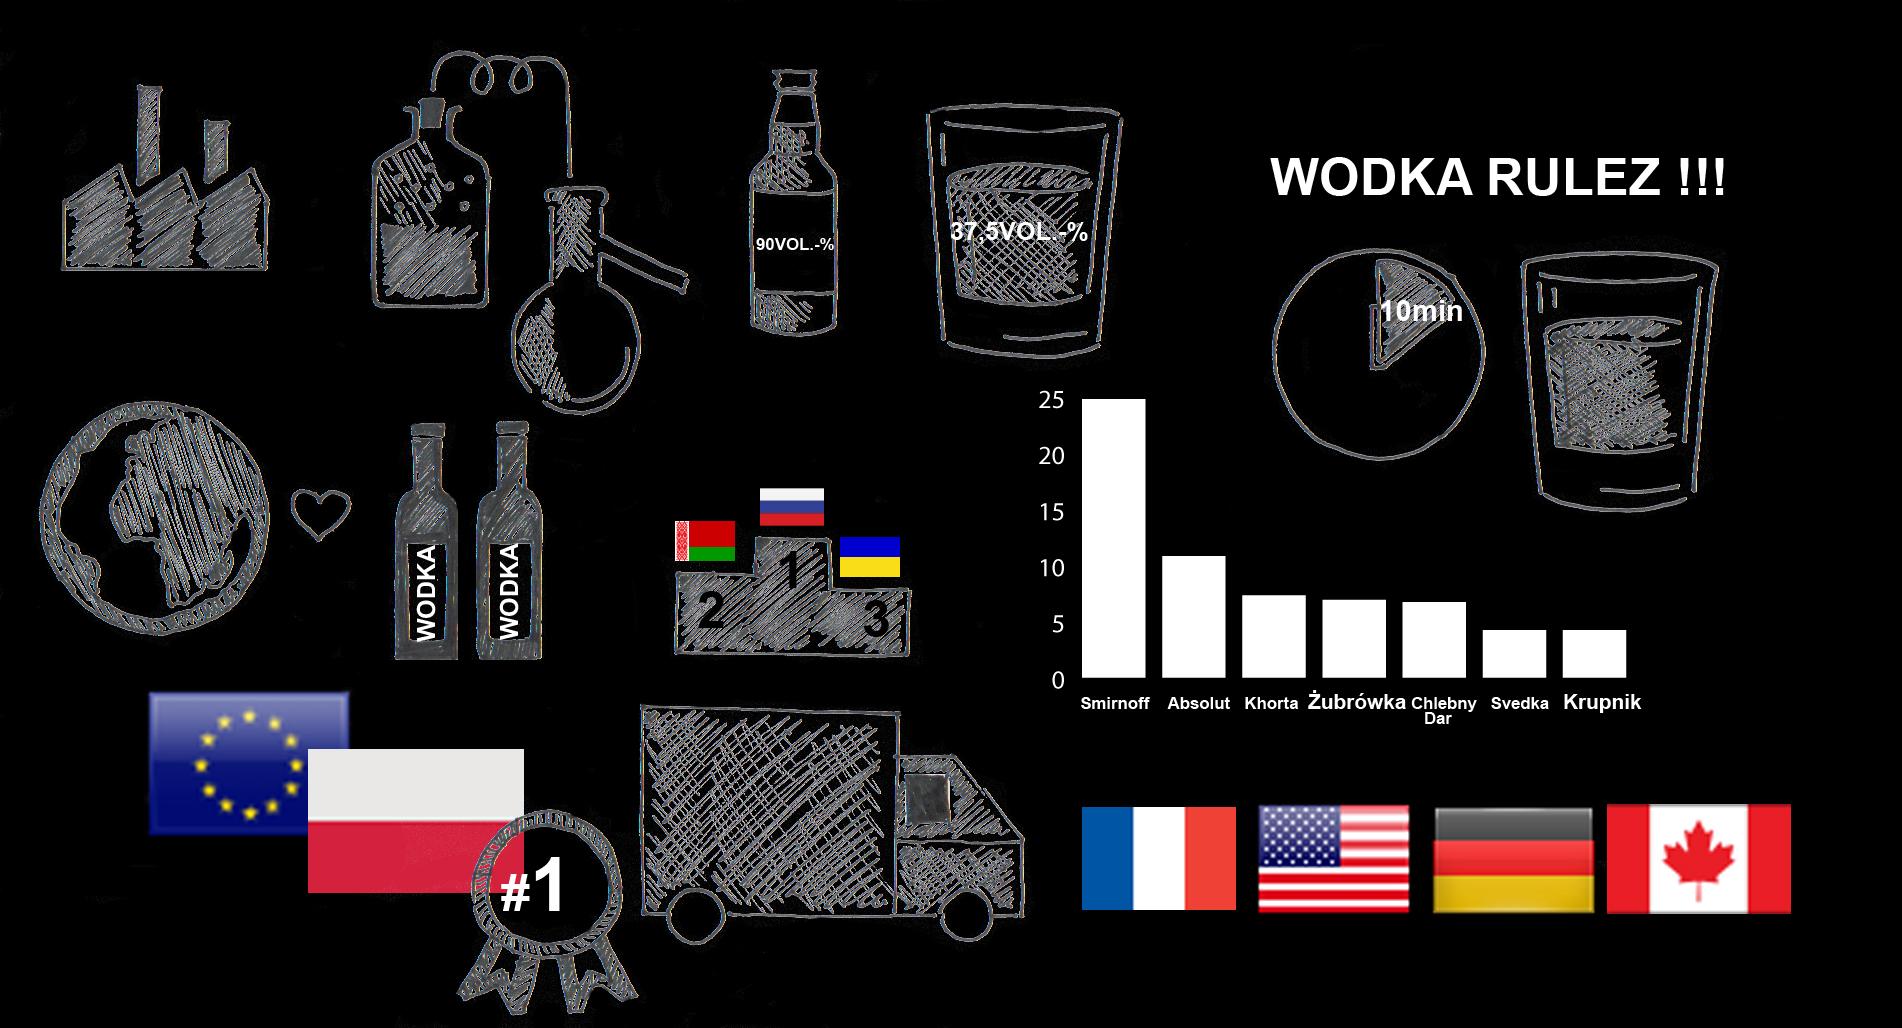 Aritkel - Wodka in Zahlen - Polnischer Wodka